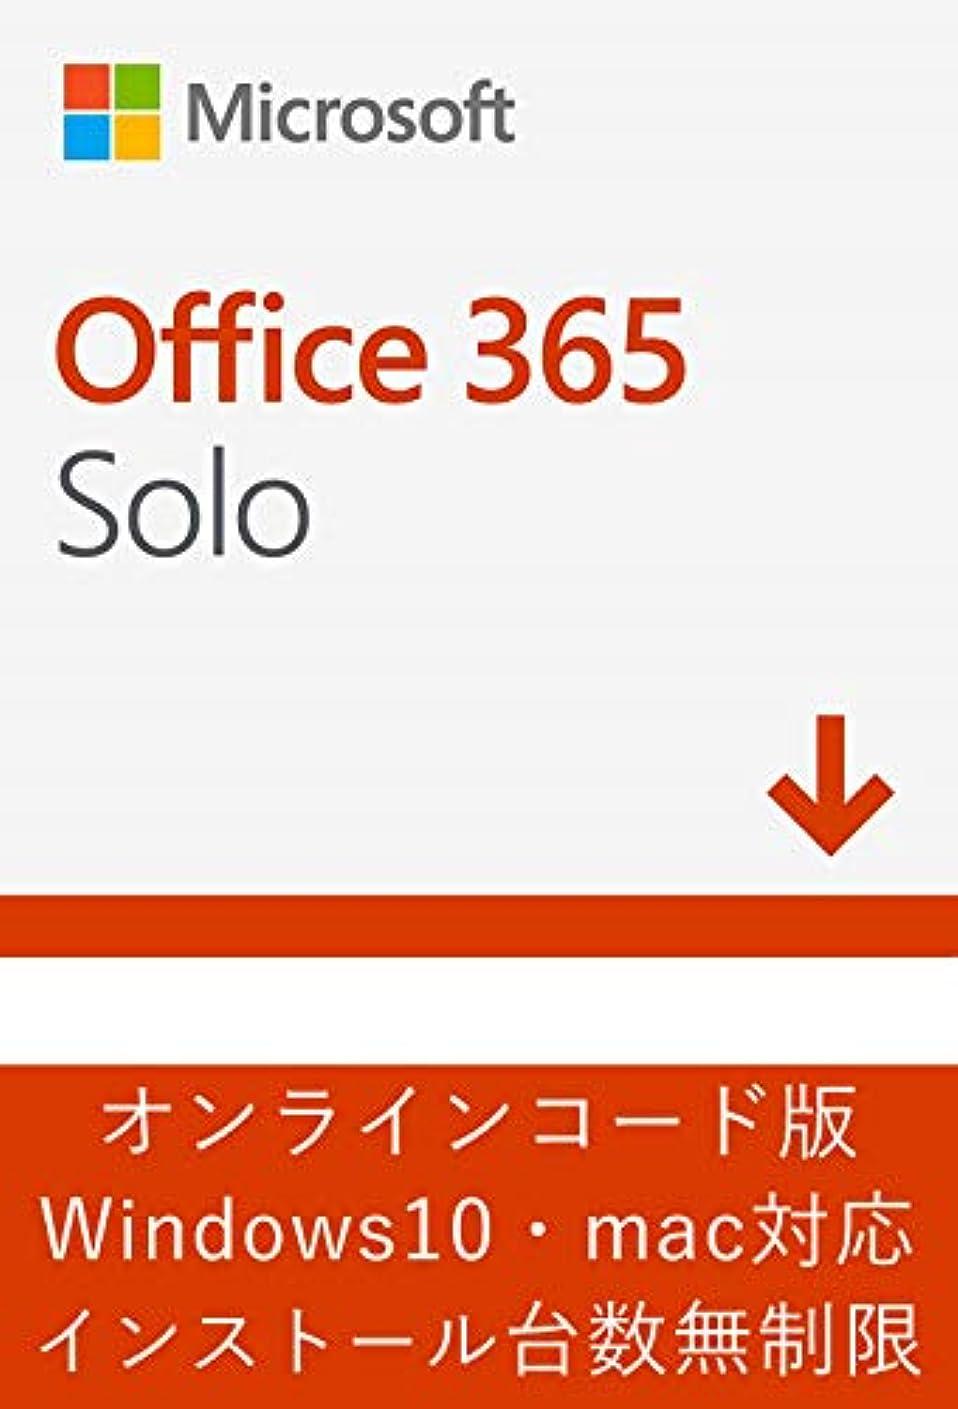 バスタブ計り知れないどきどきMicrosoft Office 365 Solo (最新 1年版)|オンラインコード版|Win/Mac/iPad|インストール台数無制限(同時使用可能台数5台)